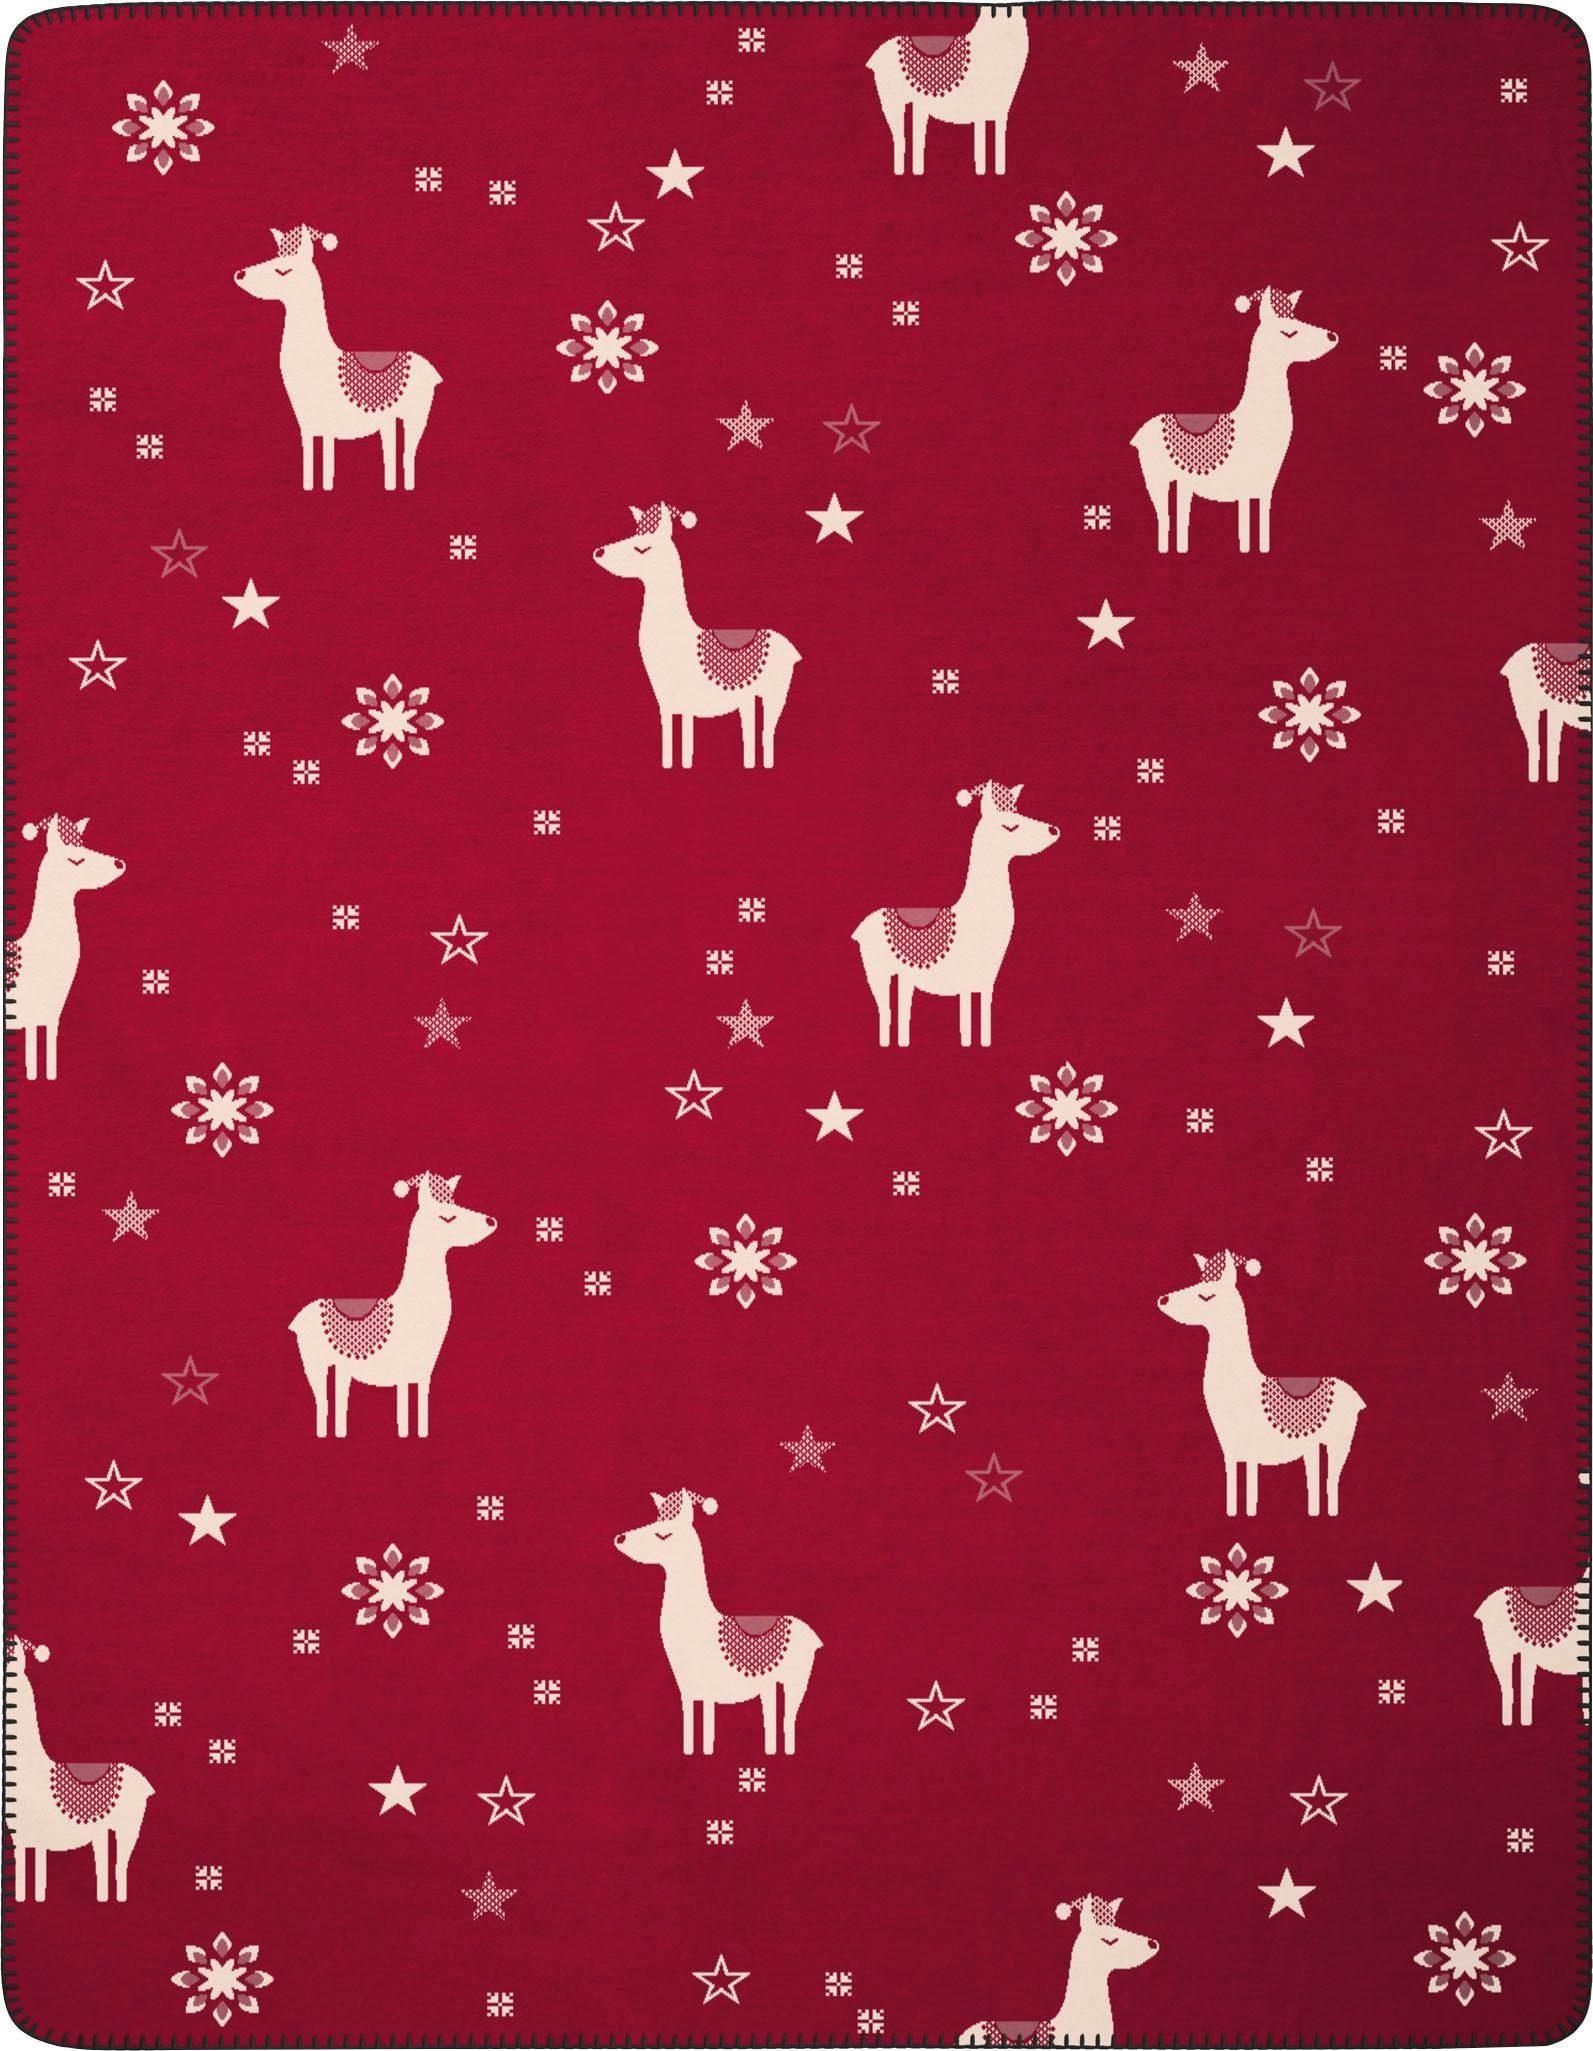 Wohndecke »Alpaka«, BIEDERLACK, mit Lamas und Schneeflocken